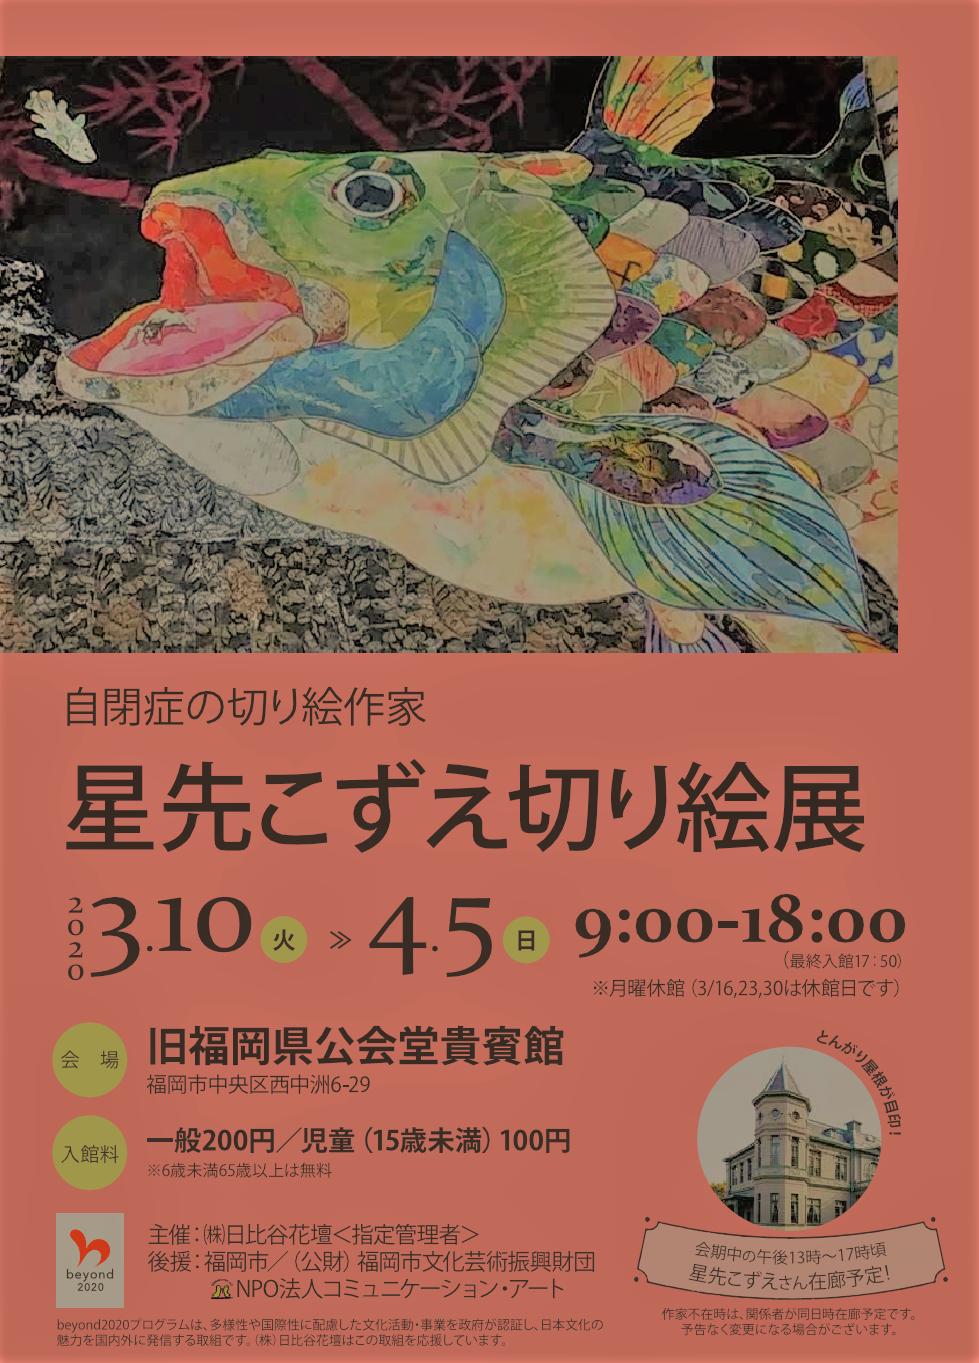 2020/03/10 (火)  ~ 04/05 (日)  福岡 貴賓館